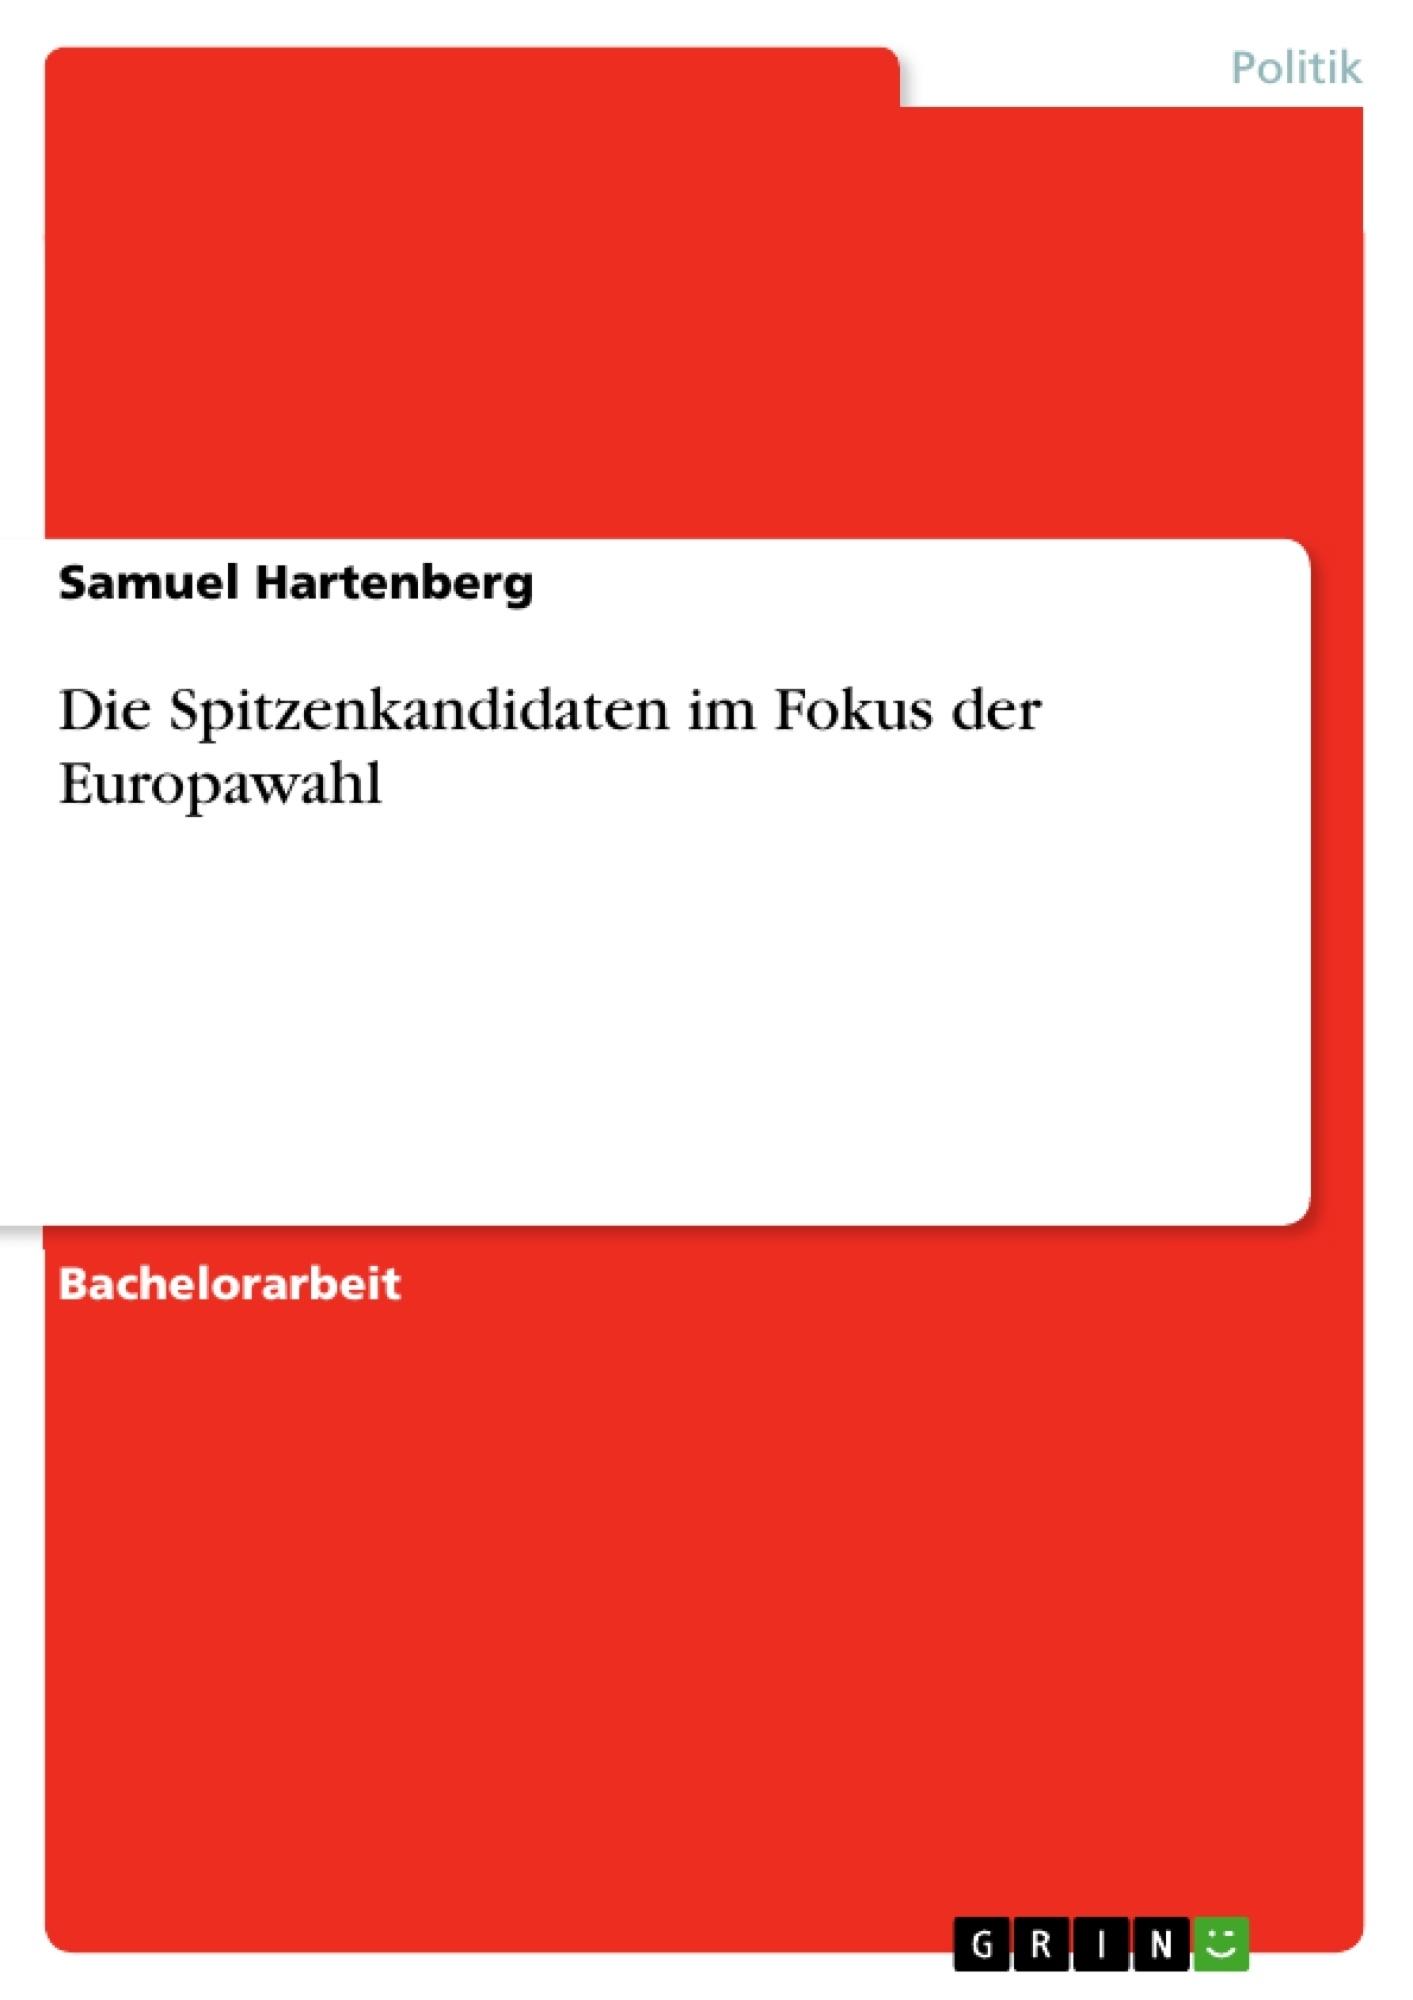 Titel: Die Spitzenkandidaten im Fokus der Europawahl